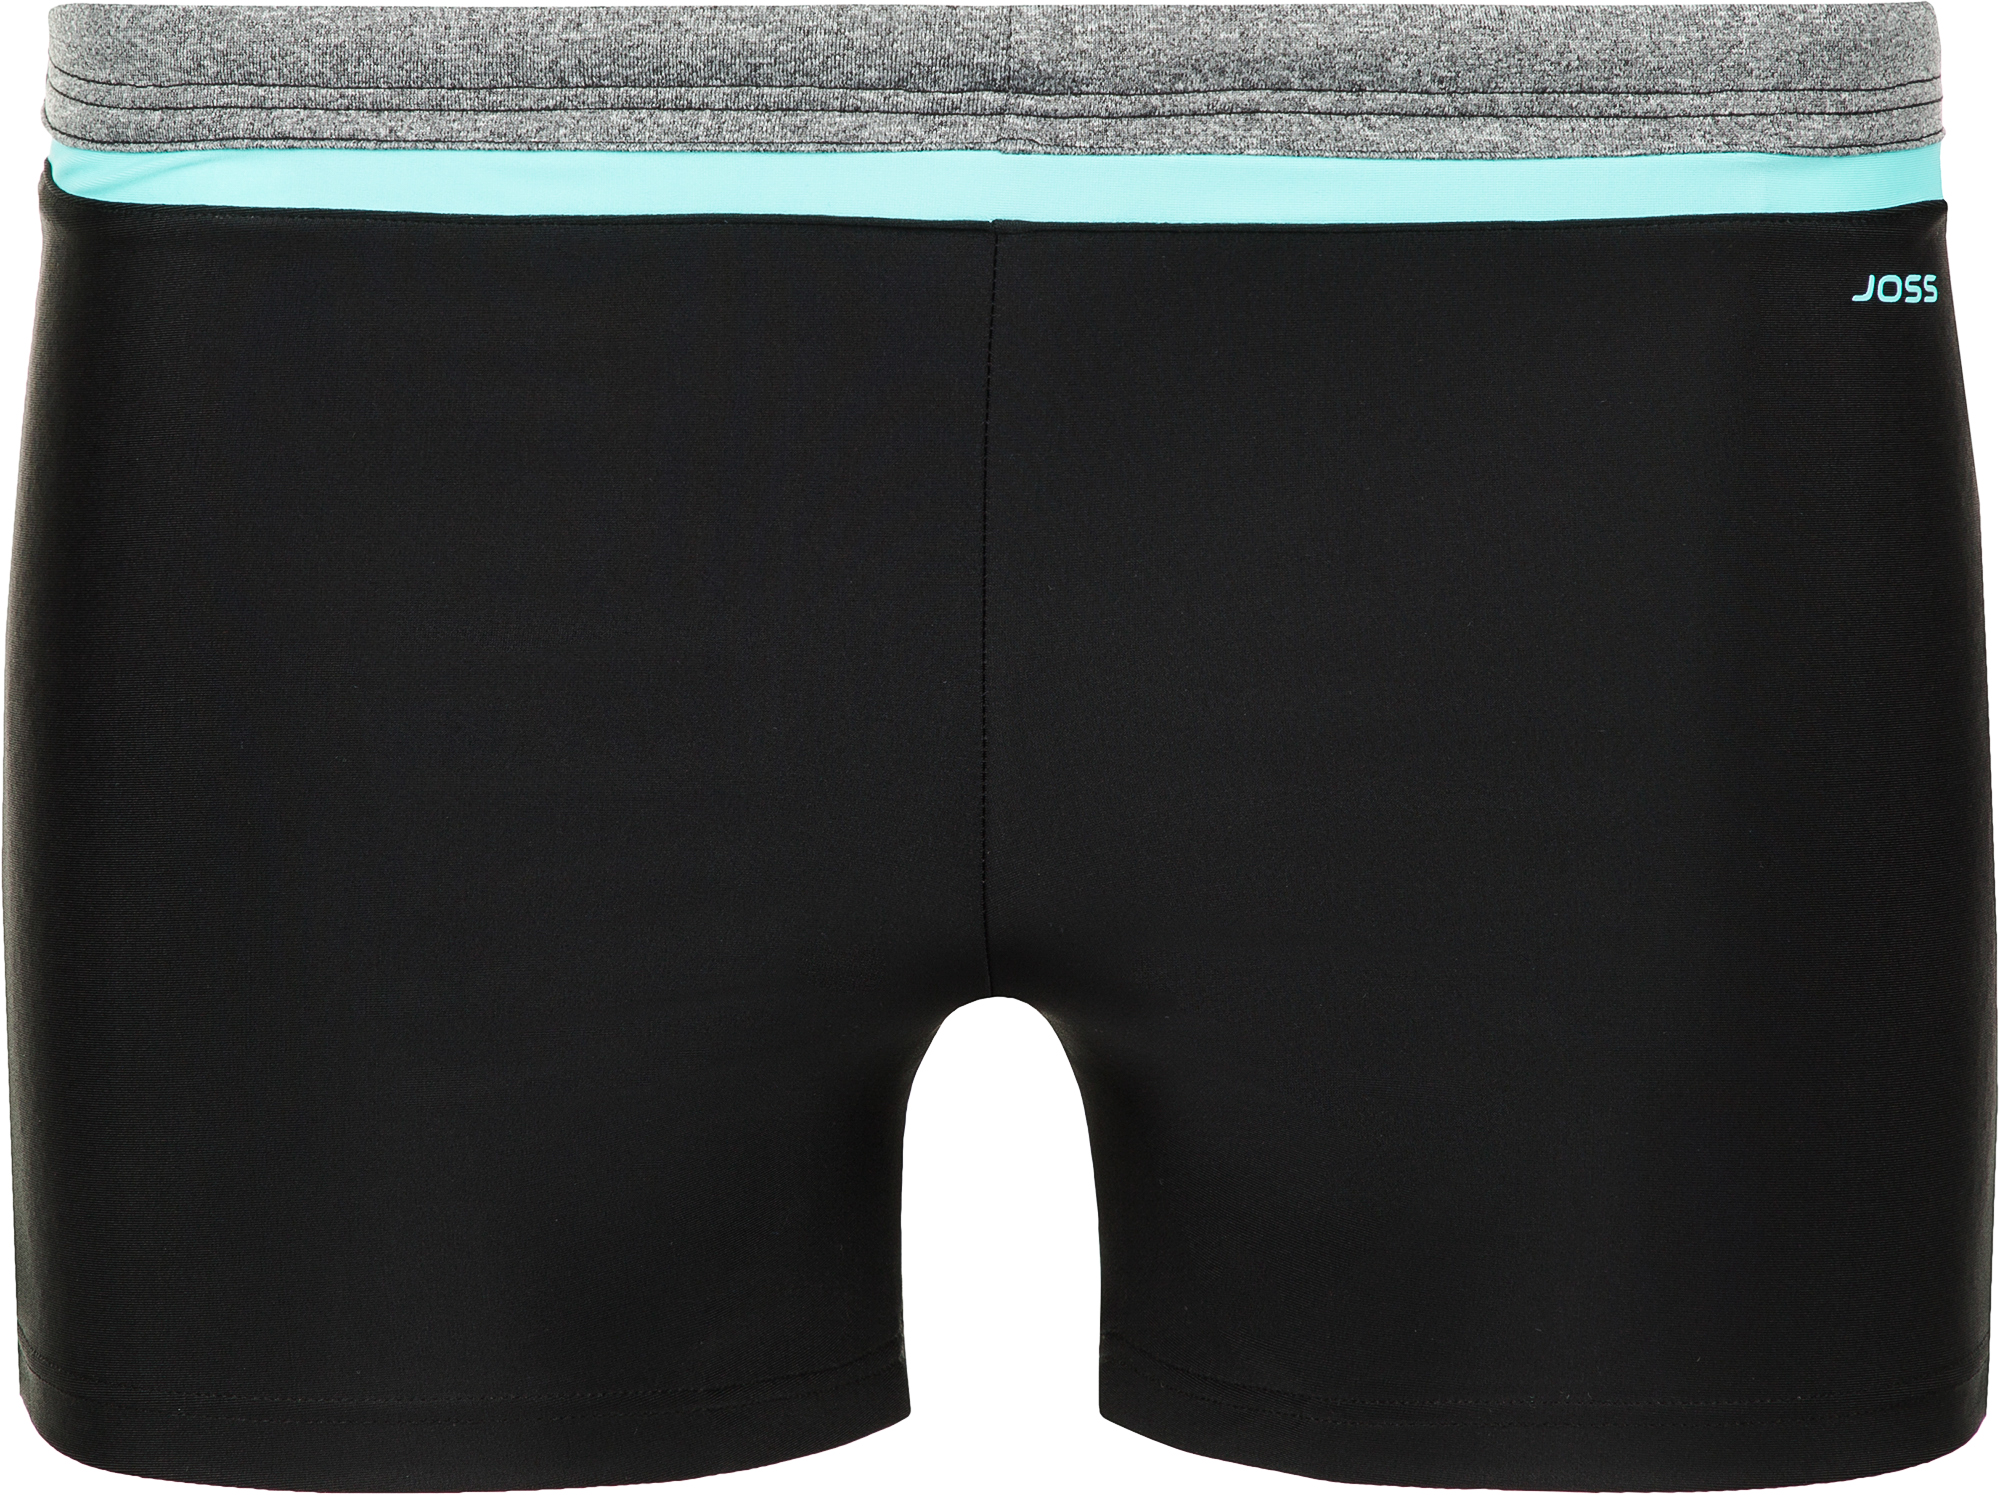 Joss Плавки-шорты мужские Joss, размер 46 joss танкини женское joss размер 46